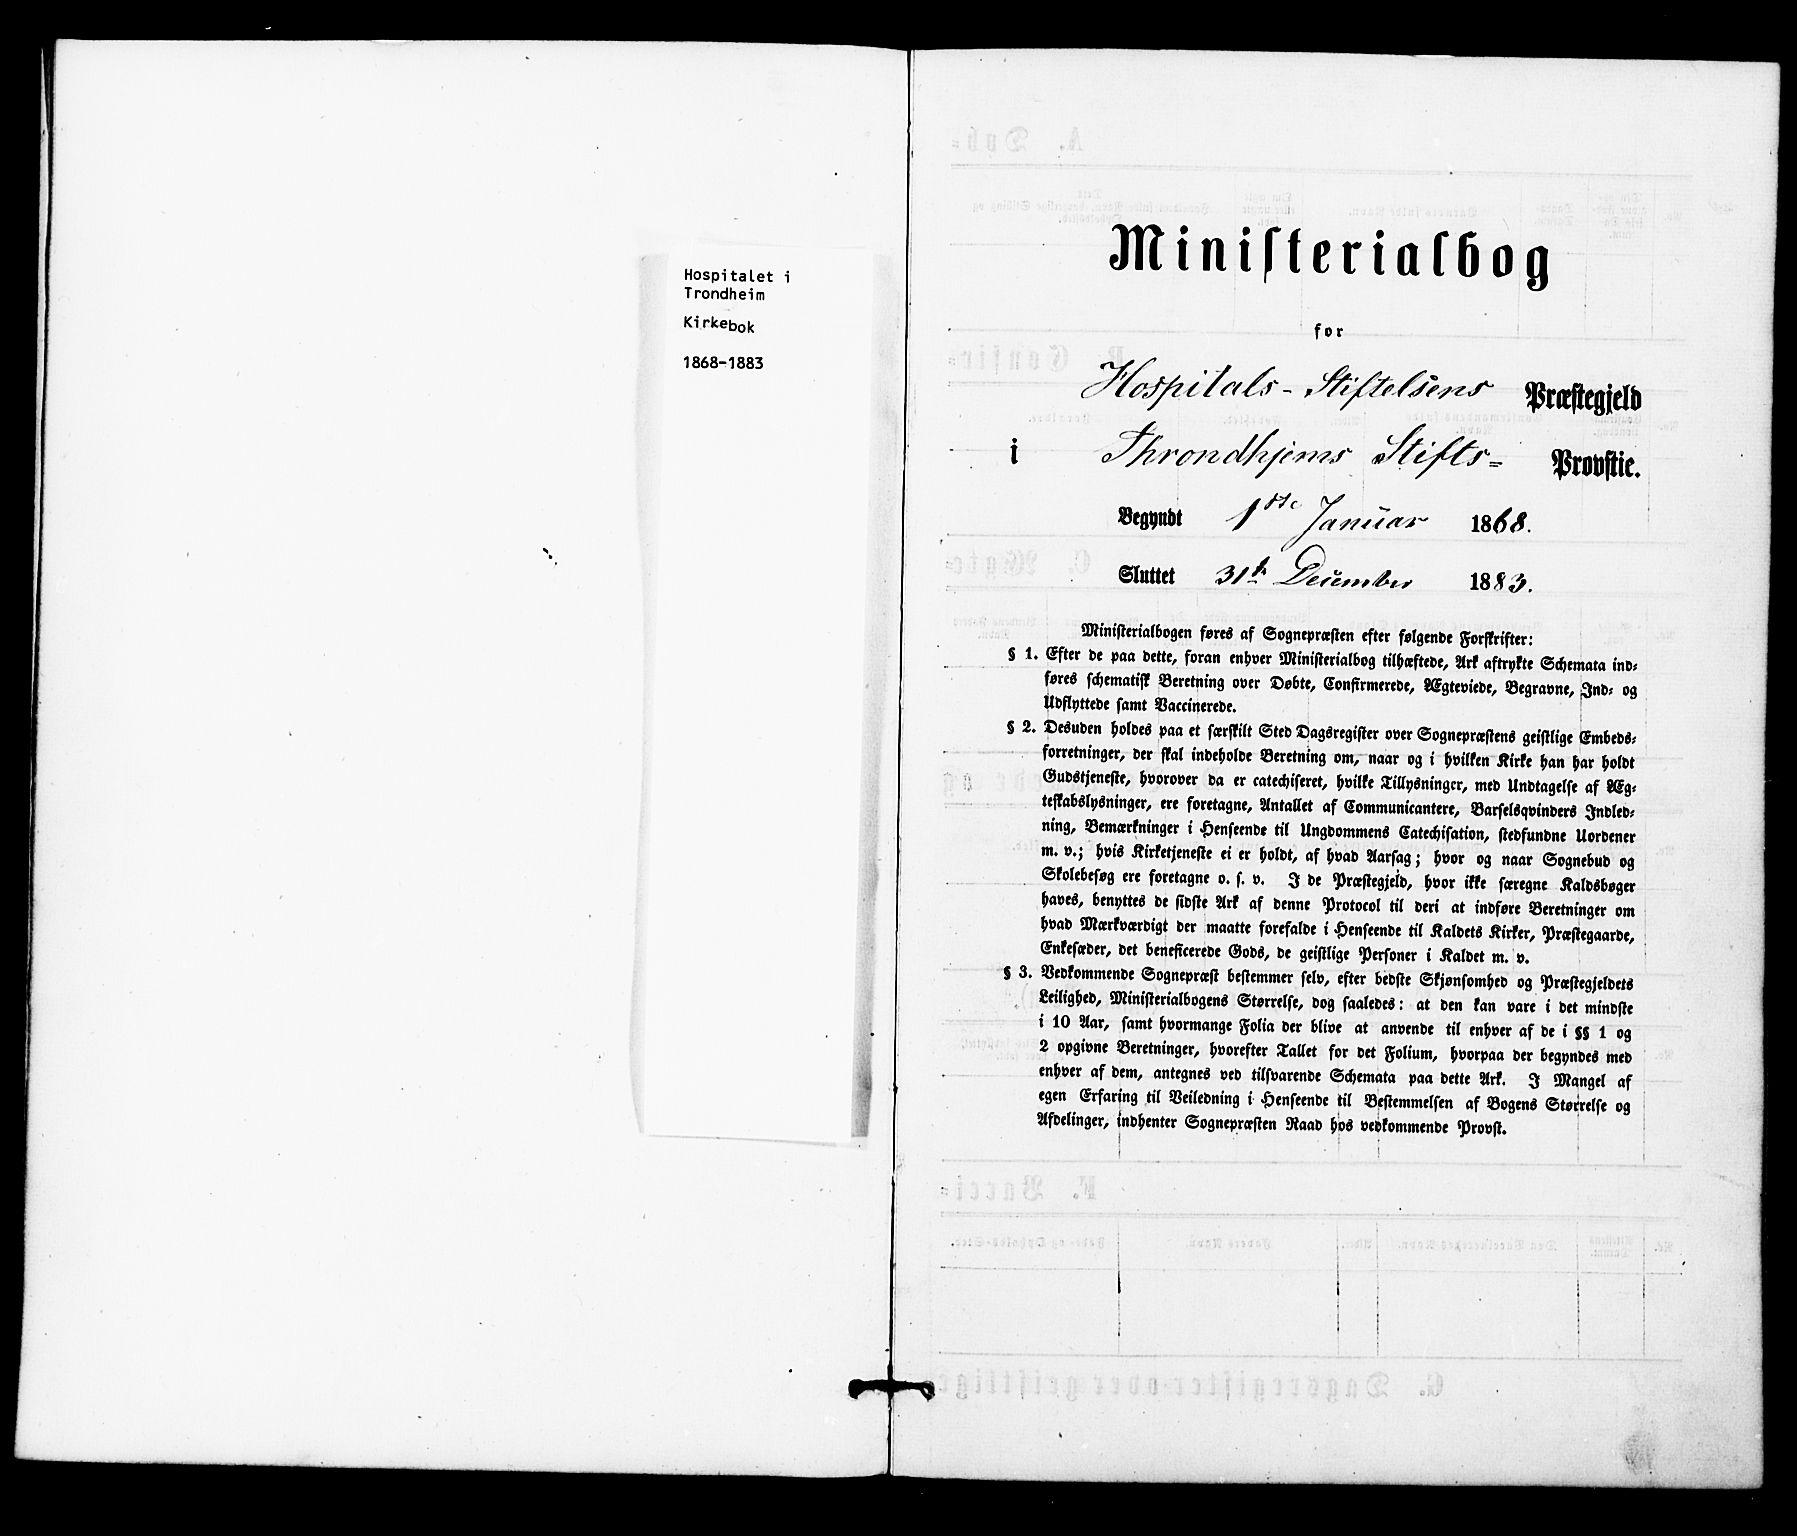 SAT, Ministerialprotokoller, klokkerbøker og fødselsregistre - Sør-Trøndelag, 623/L0469: Ministerialbok nr. 623A03, 1868-1883